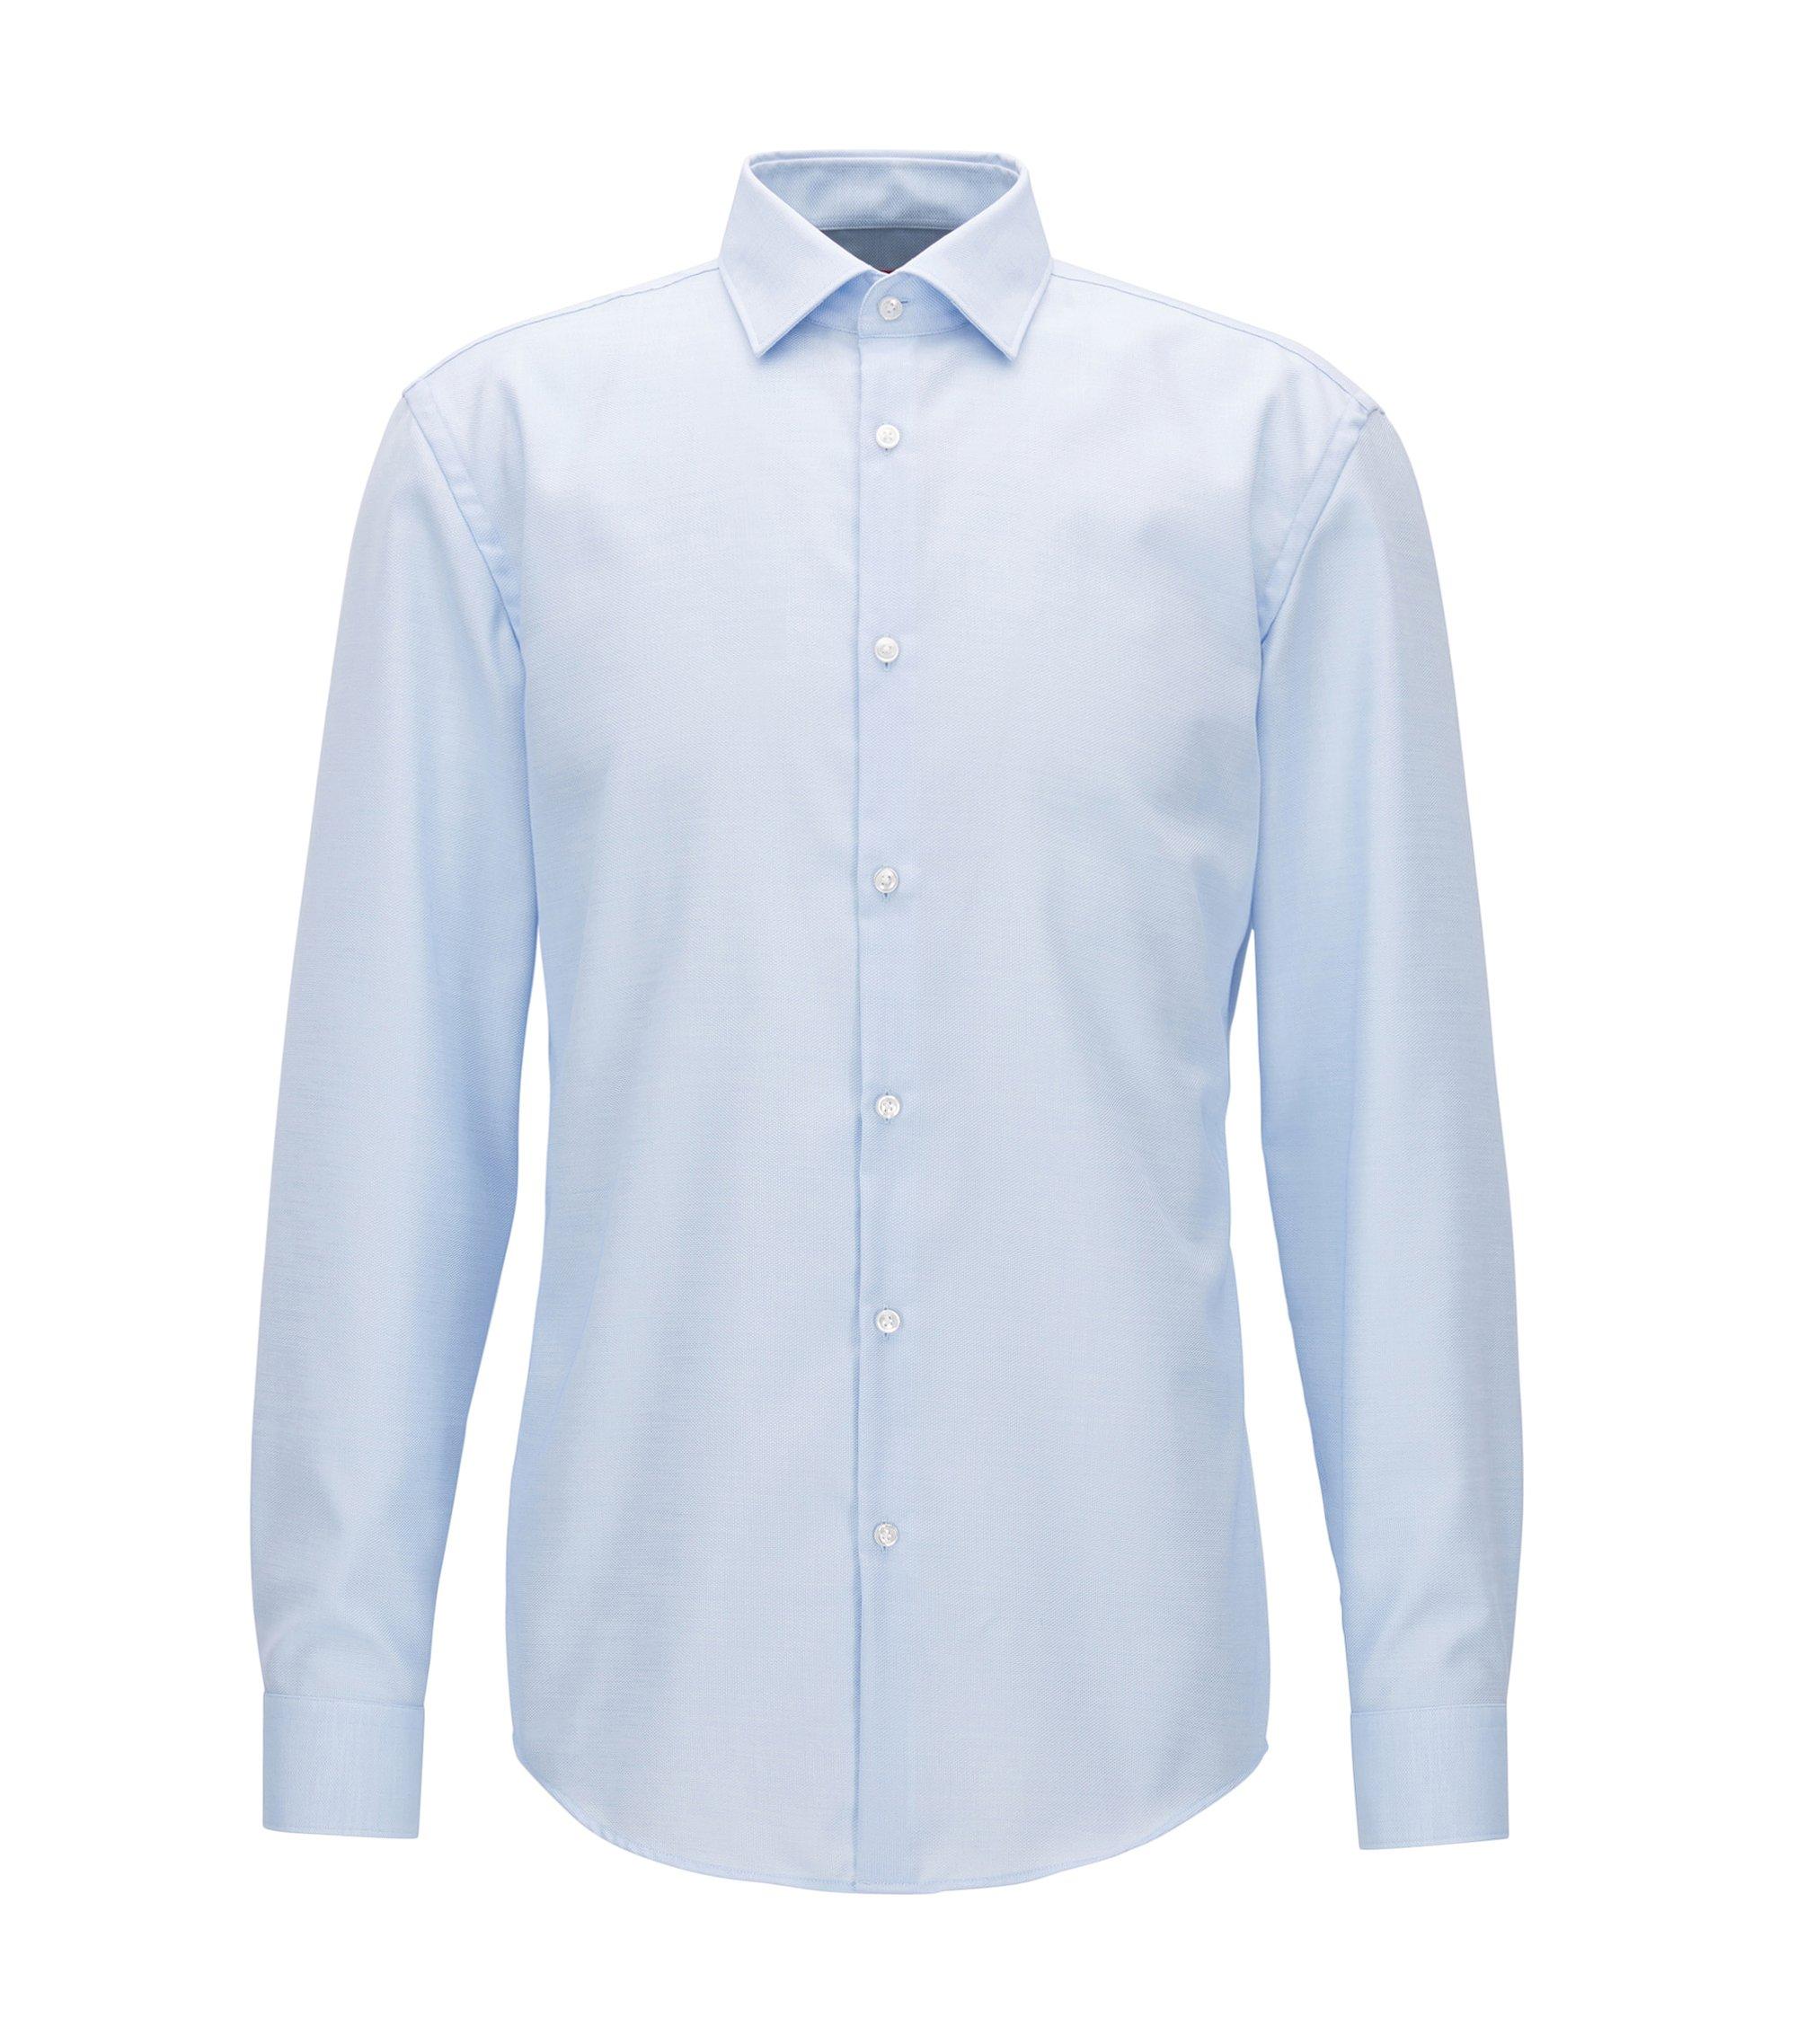 Camicia slim fit in cotone con microdisegni, Celeste